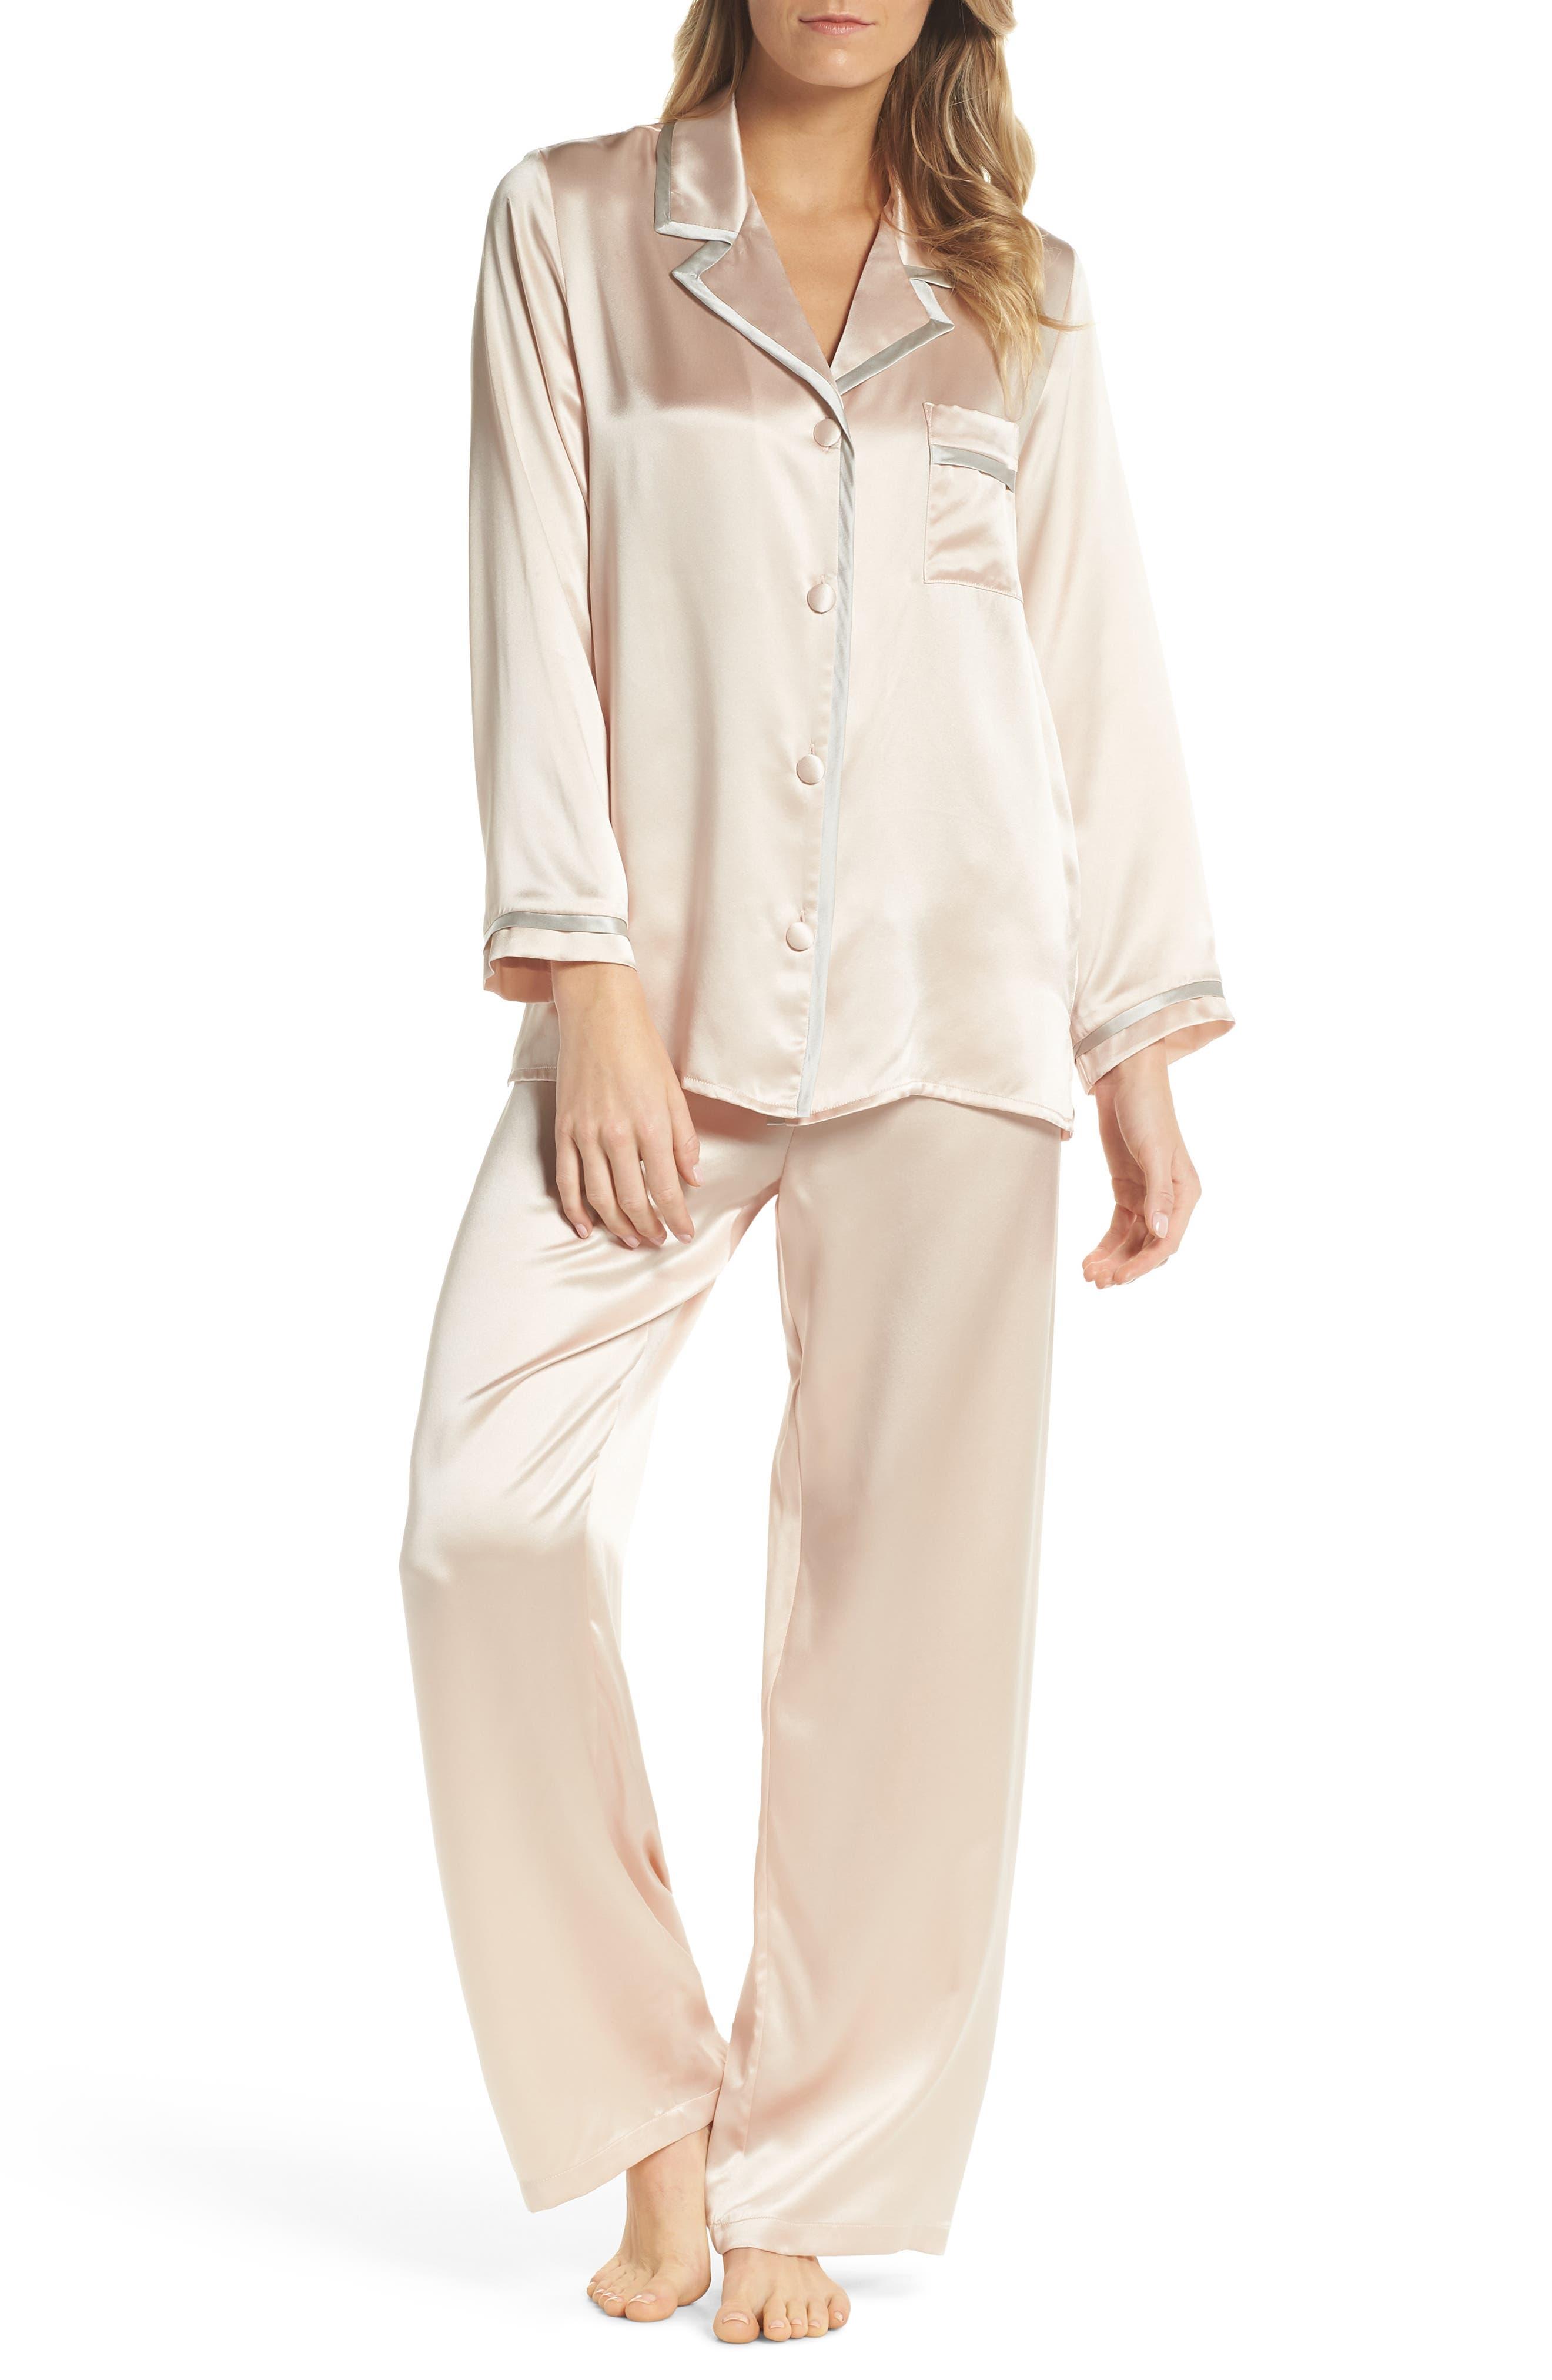 Coco Silk Pajamas,                         Main,                         color, Rose Quartz / Antique Silver